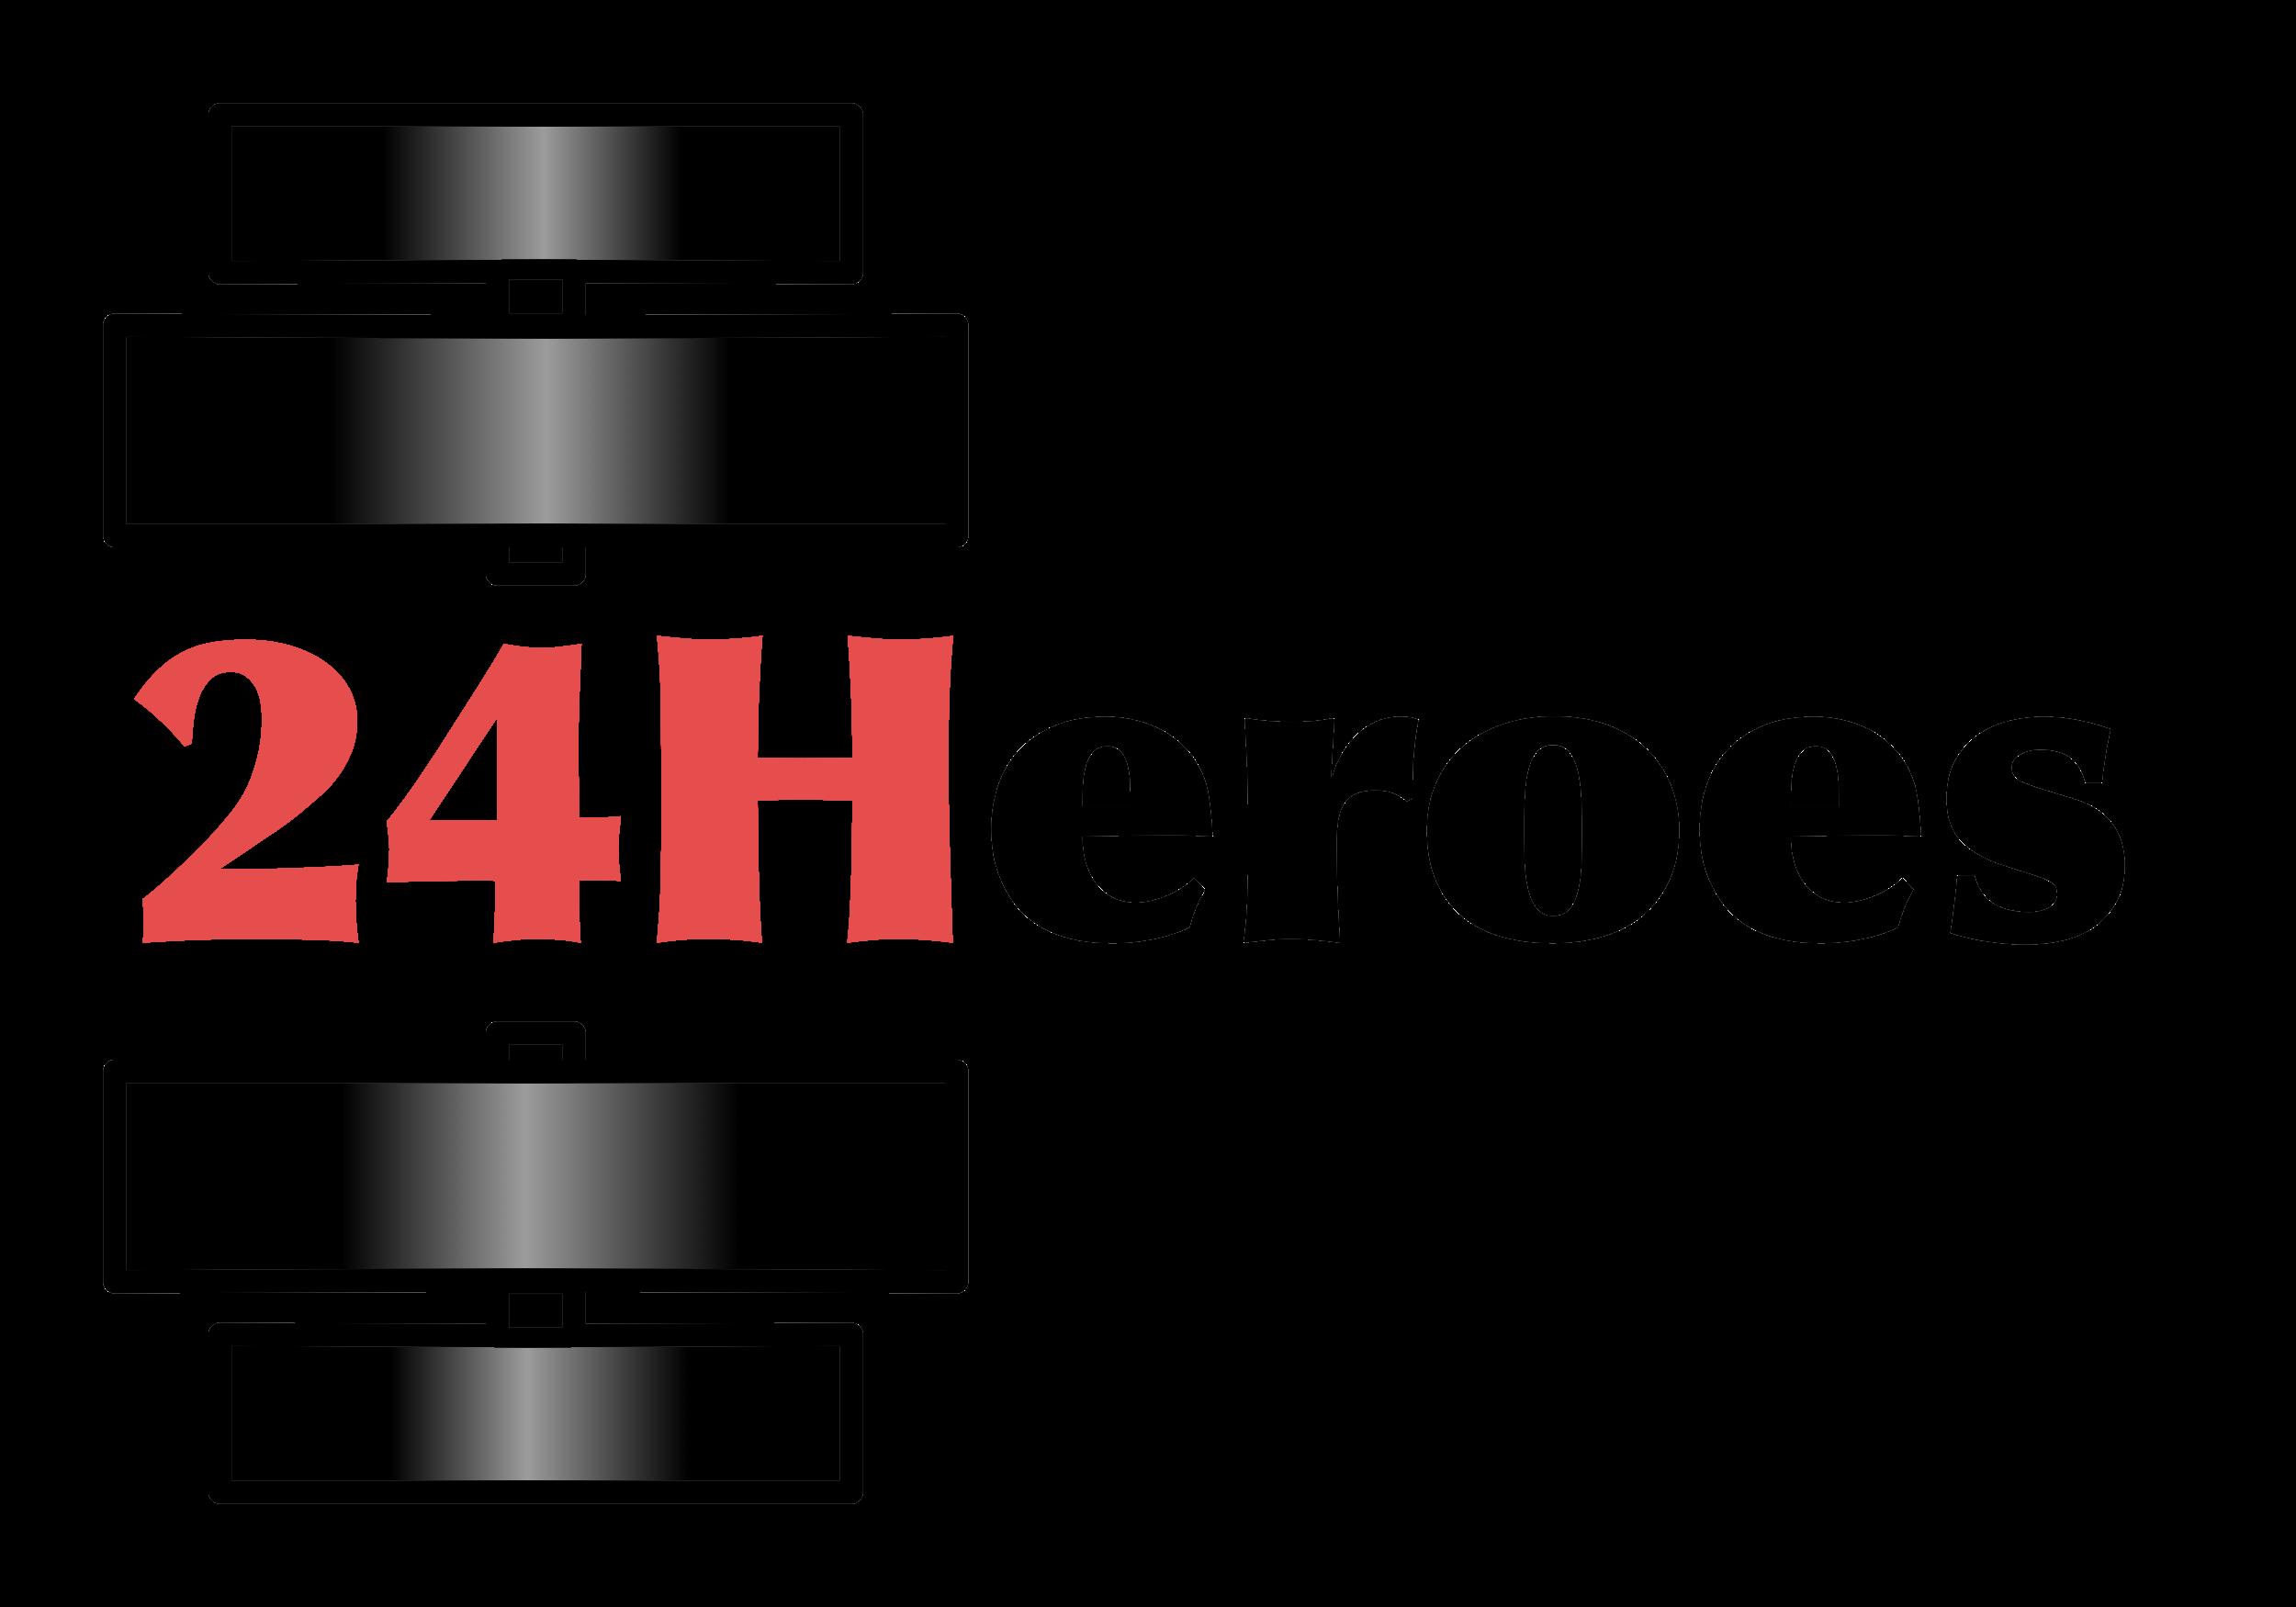 24 Heroes